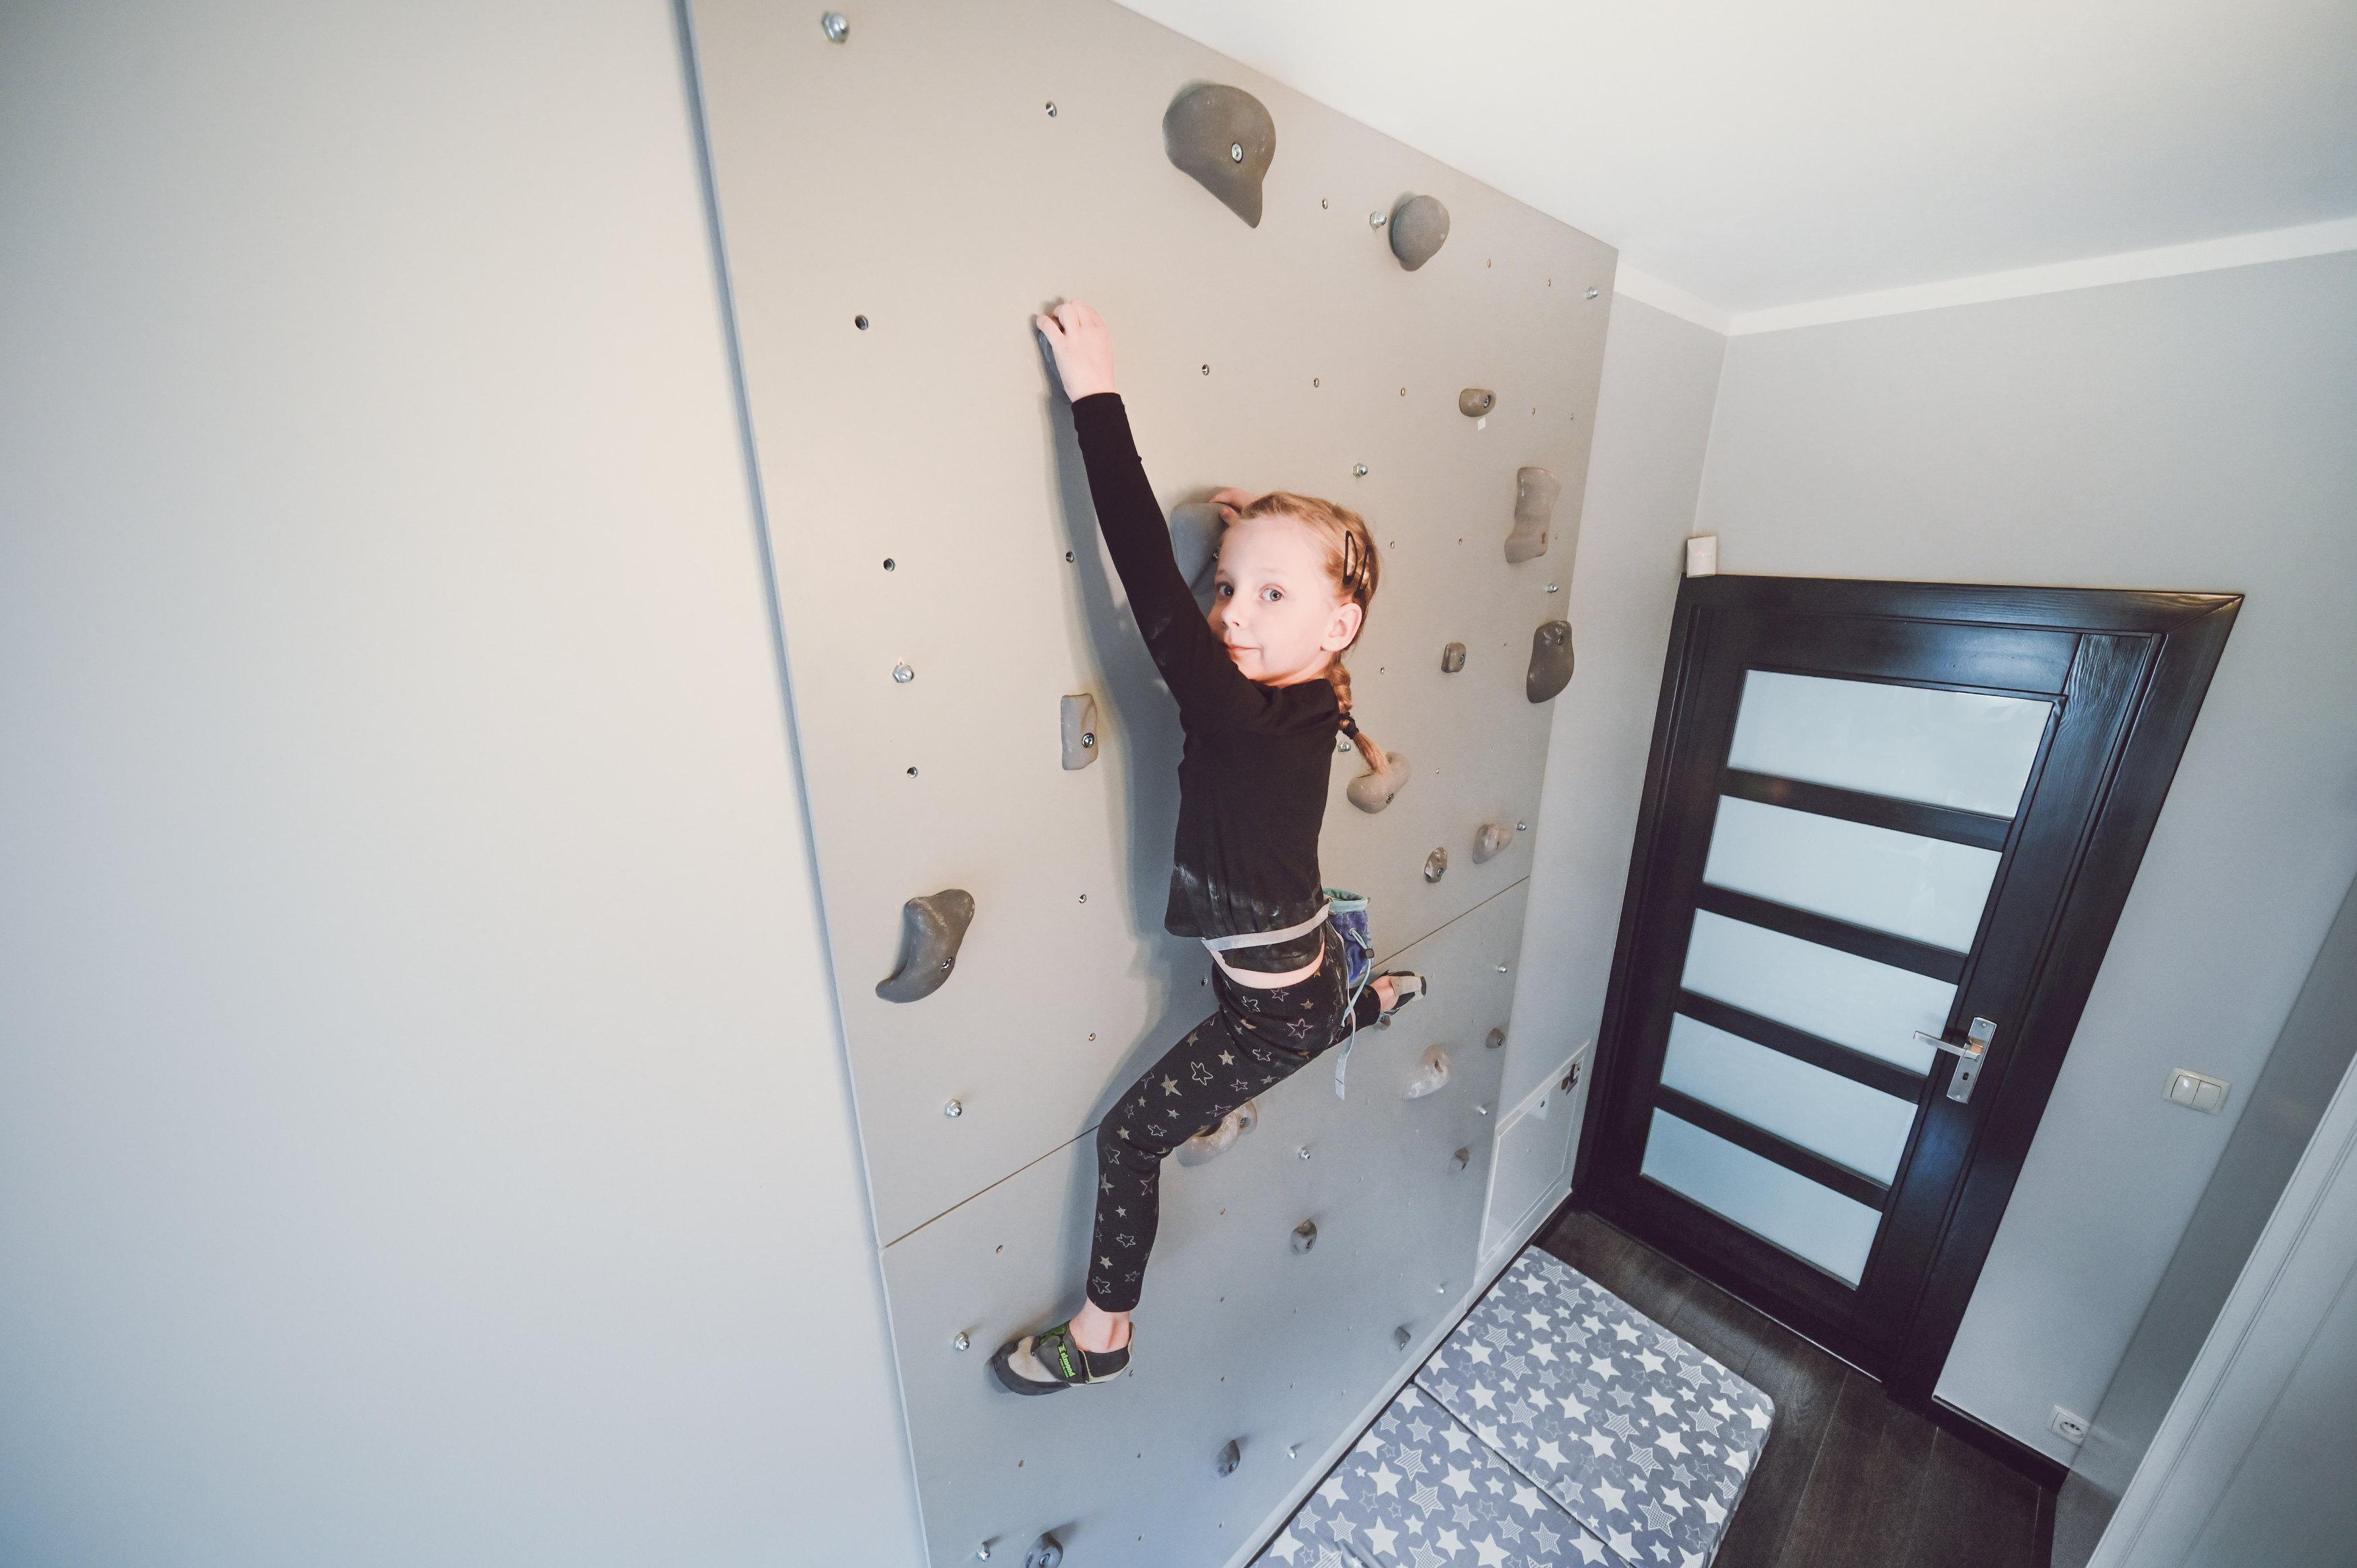 scianka wspinaczkowa pokoju dziecięcym